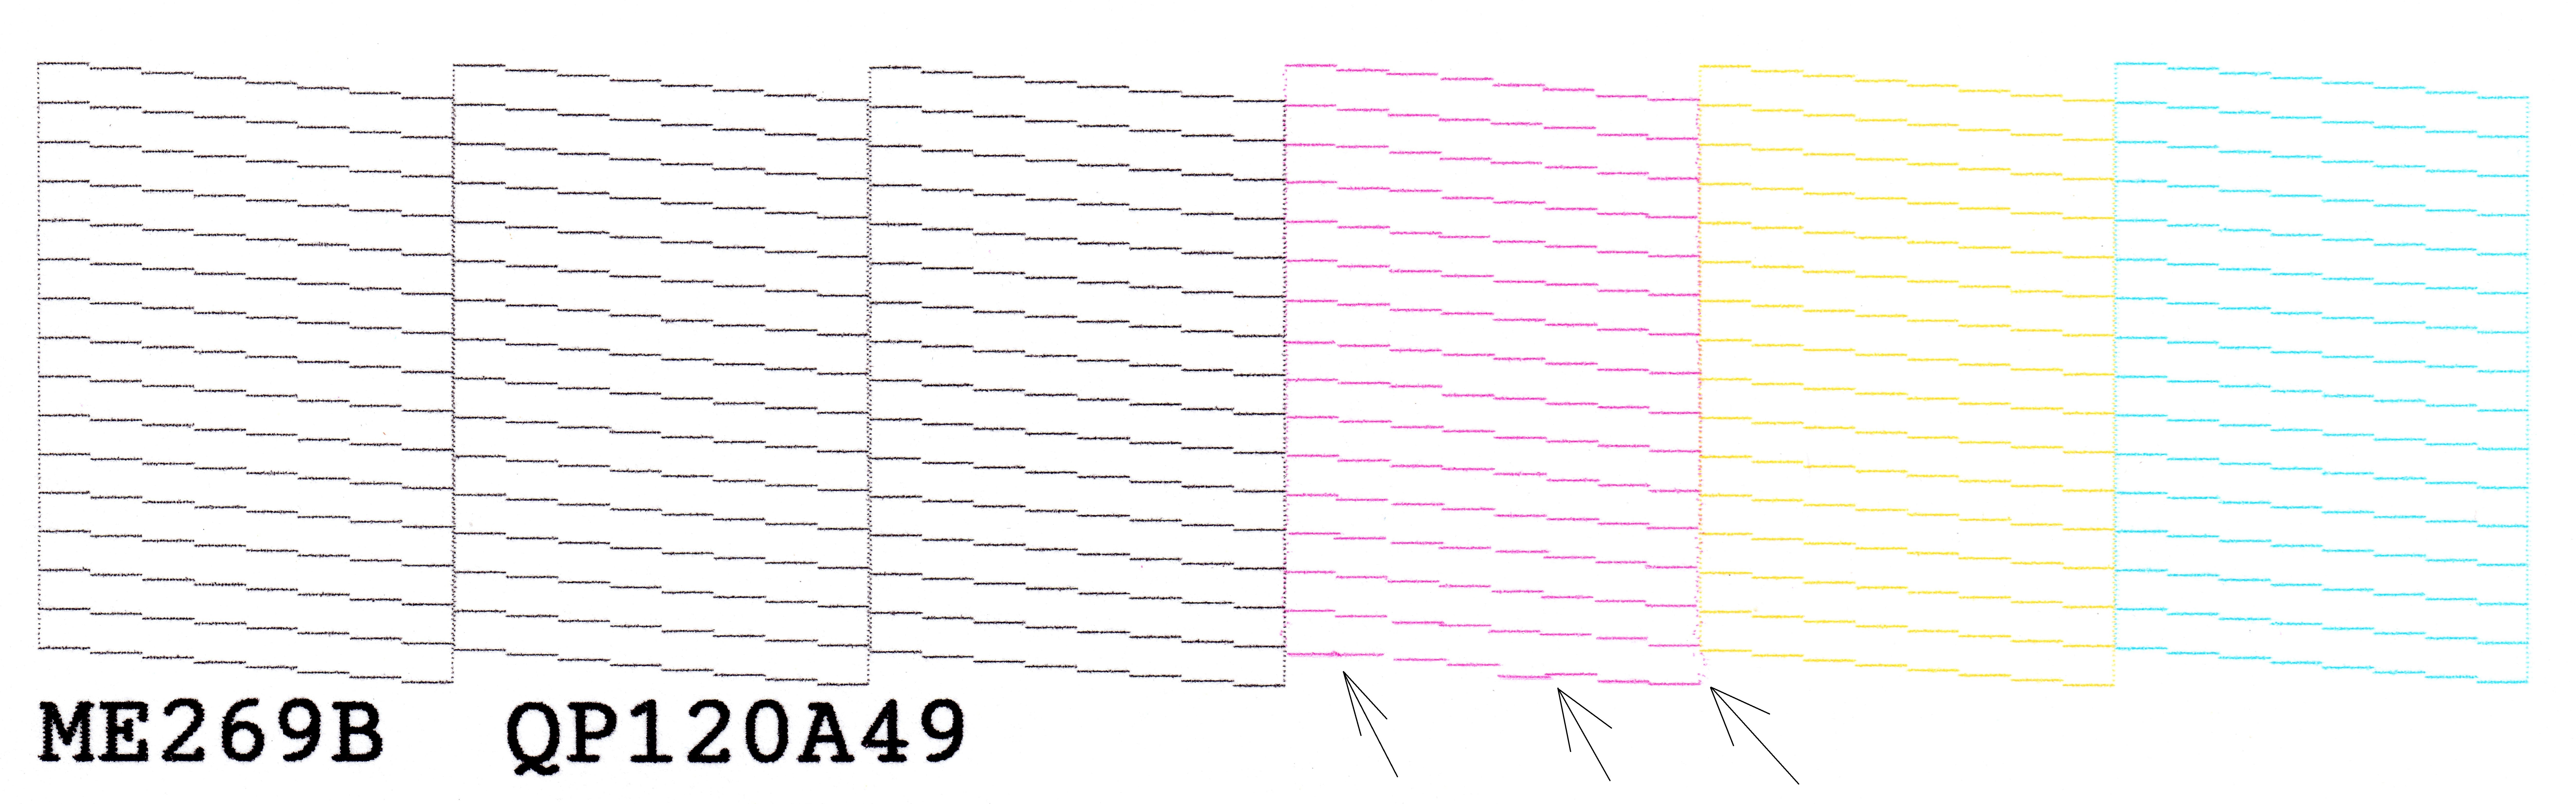 epson SX515W - kolor magneta rozmazany/nier�wny